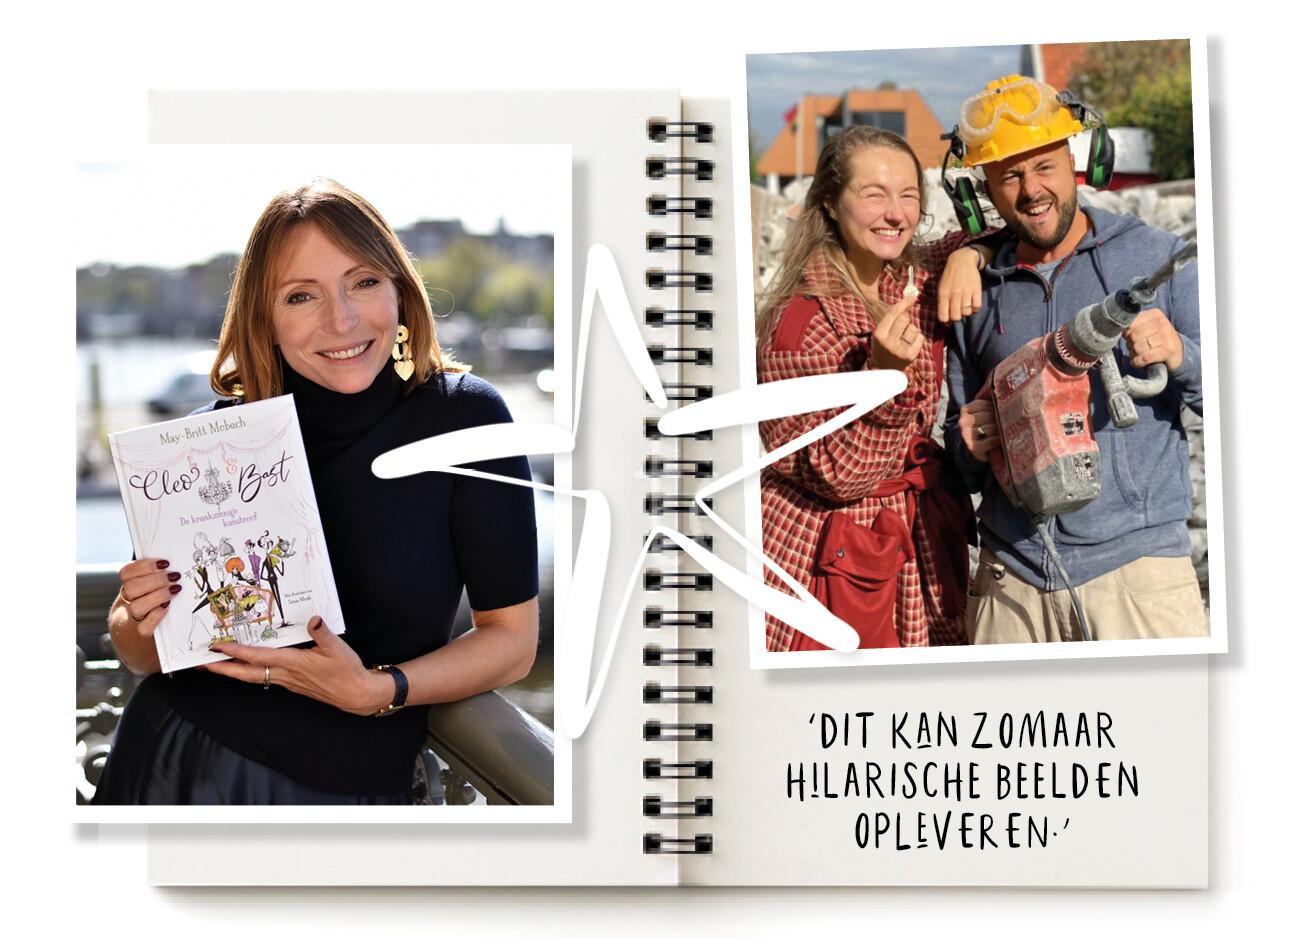 Carolien klust aan haar droomhuis en may-britt Mobach met haar boek